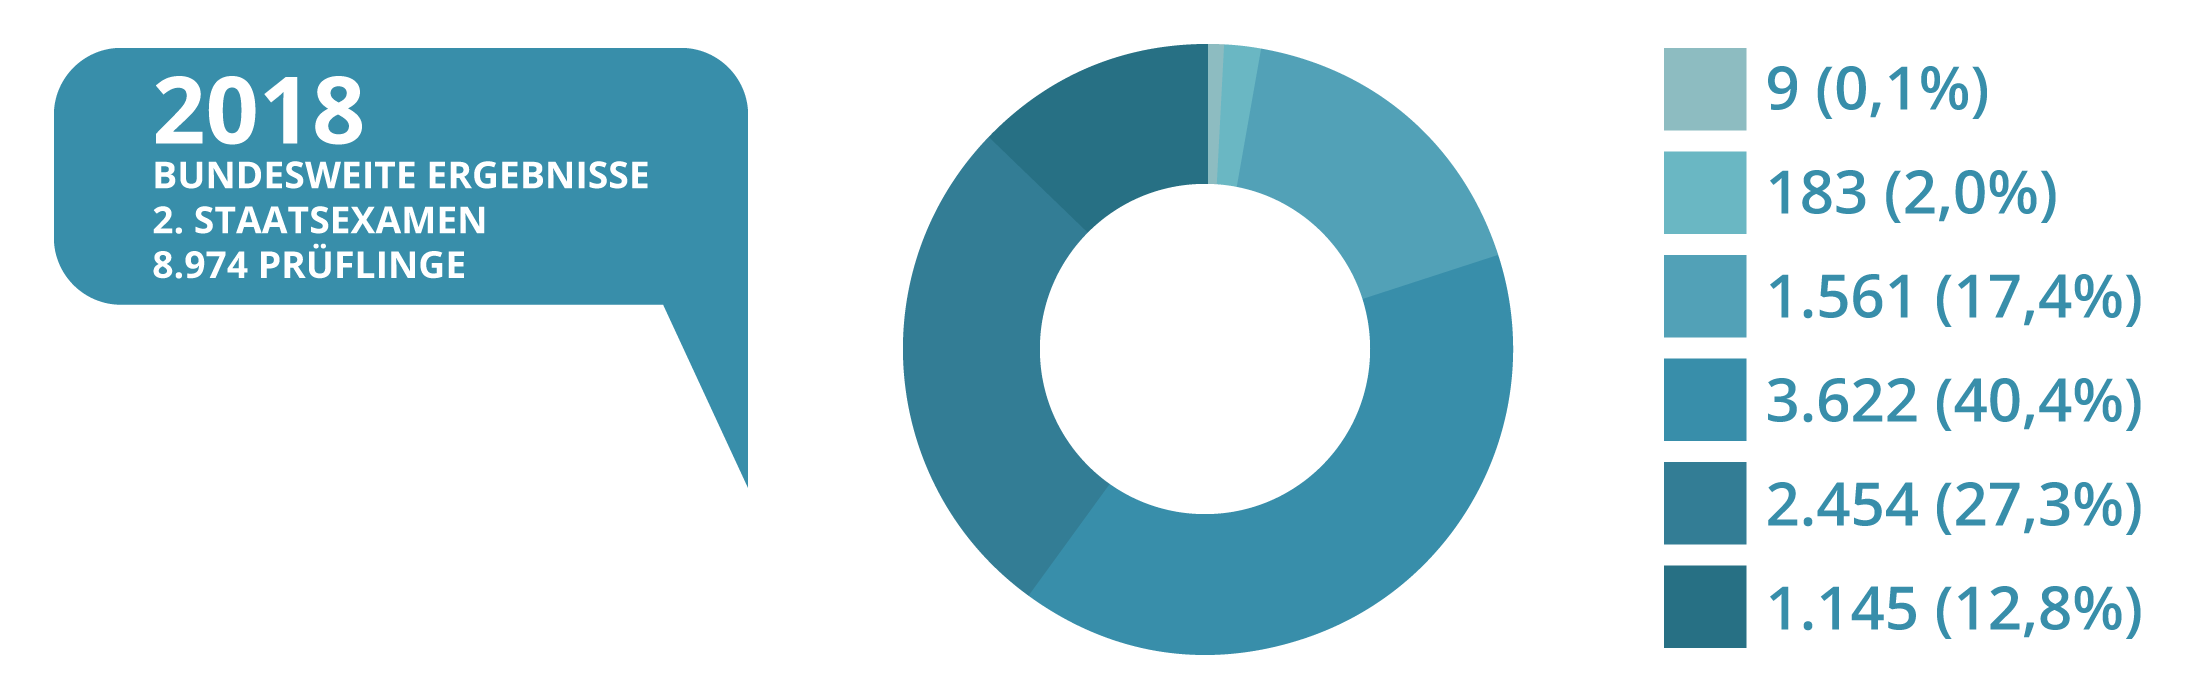 JurCase - Kreisdiagramm - 2018 - Ergebnisse Zweites Staatsexamen